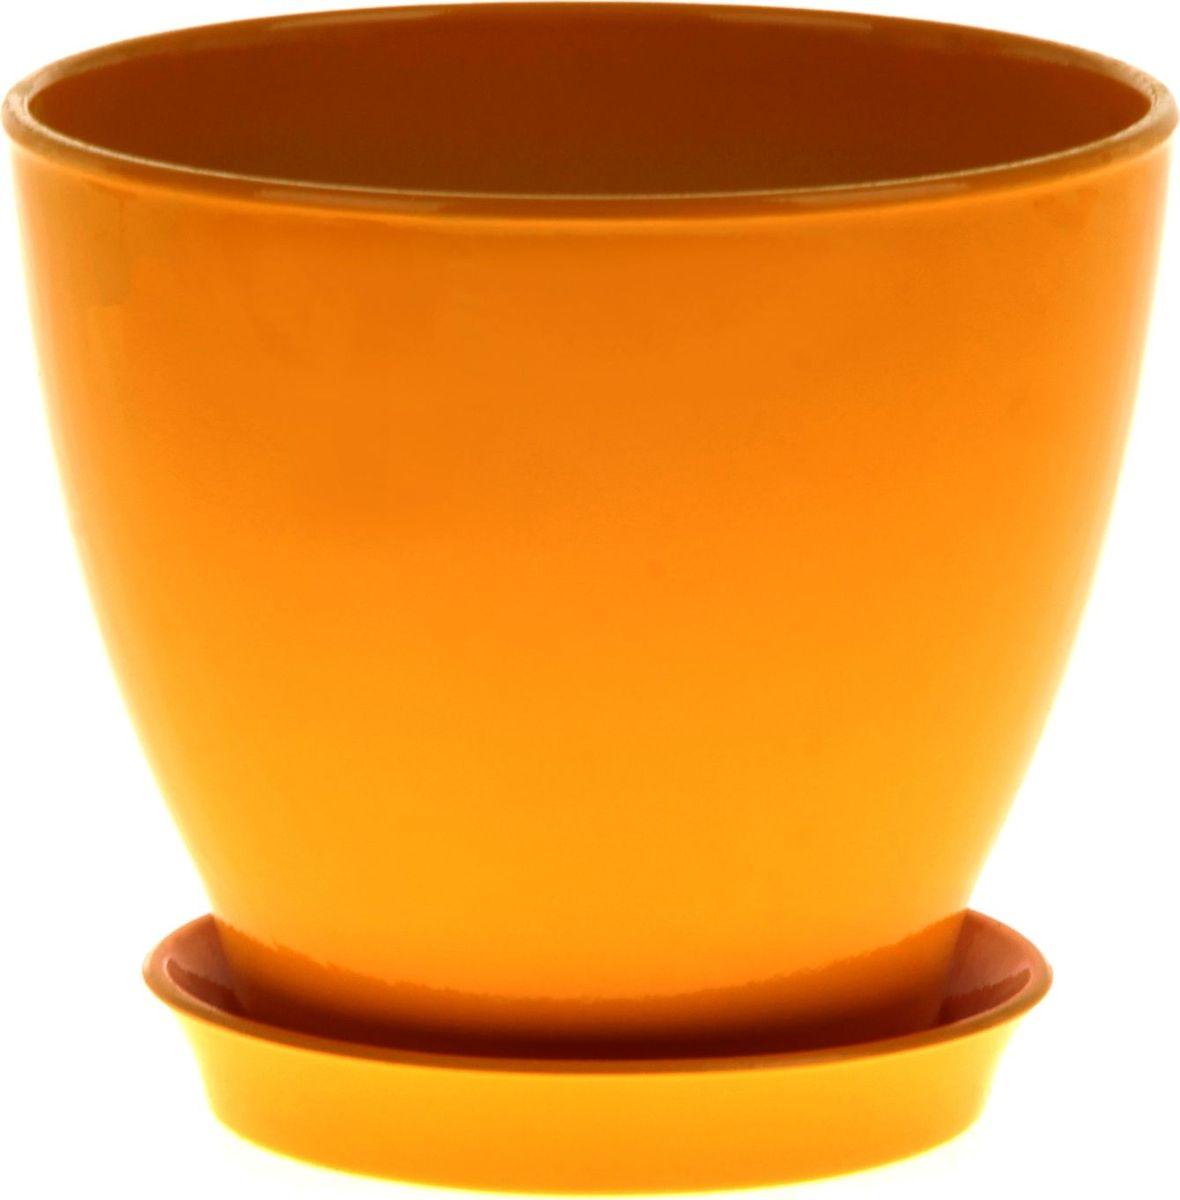 Кашпо Керамика ручной работы Ксения. Глянец, цвет: желтый, 3 л825140Кашпо серии «Каменный цветок» выполнено из белой глины методом формовки и покрыто лаком. Керамическая ёмкость имеет объём, оптимальный для создания наилучших условий развития большинства растений.Устойчивый глубокий поддон защитит поверхность стола или подставки от жидкости.Благодаря строгим стандартам производства изделия отличаются правильной формой, отсутствием дефектов, имеют достаточную тяжесть для надёжной фиксации конструкции.Окраска моделей не восприимчива к прямым солнечным лучам, а в цветовой гамме преобладают яркие и насыщенные оттенки.Красота, удобство и долговечность кашпо серии «Каменный цветок» порадует любителей высококачественных аксессуаров для комнатных растений.